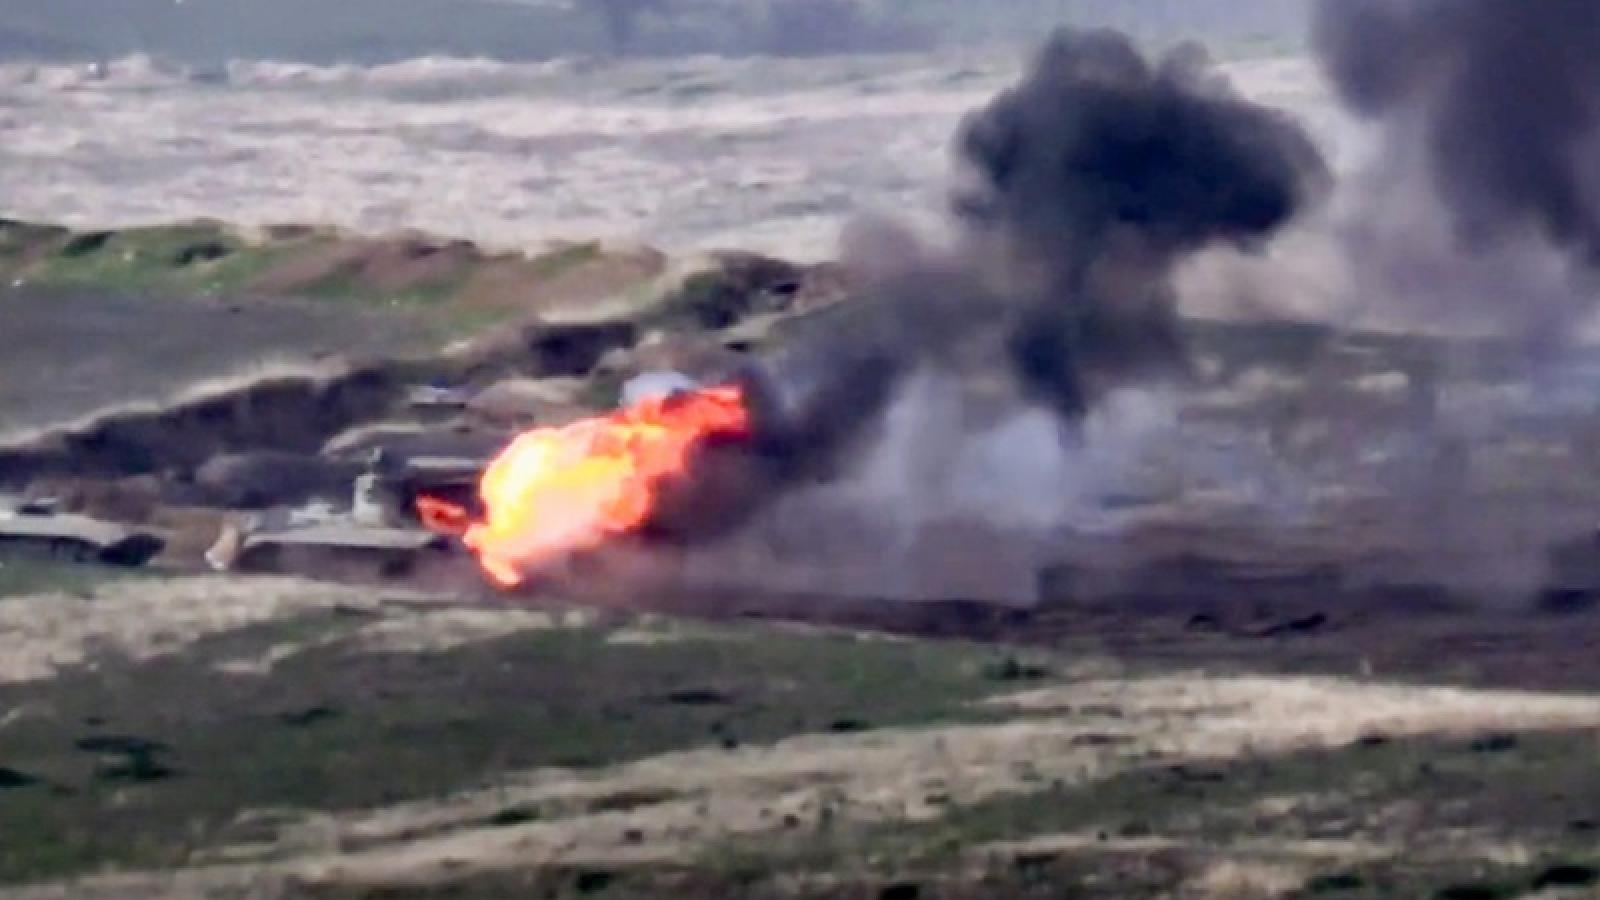 Azerbaijanphủ nhận việc Thổ Nhĩ Kỳ gửi máy bay chiến đấu từ Syria tới hỗ trợ